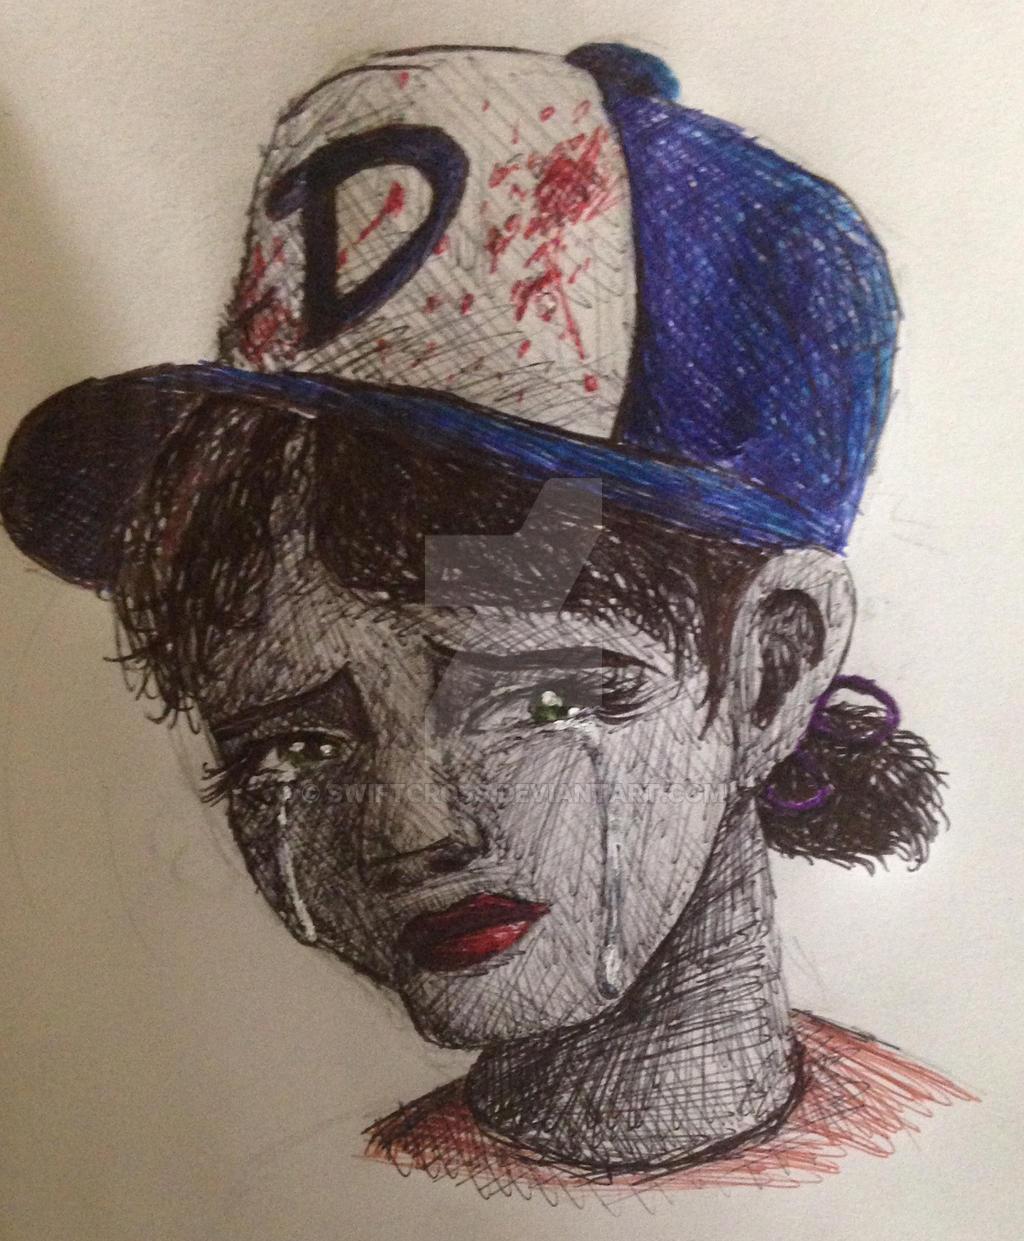 Clem-in pen by swiftcross